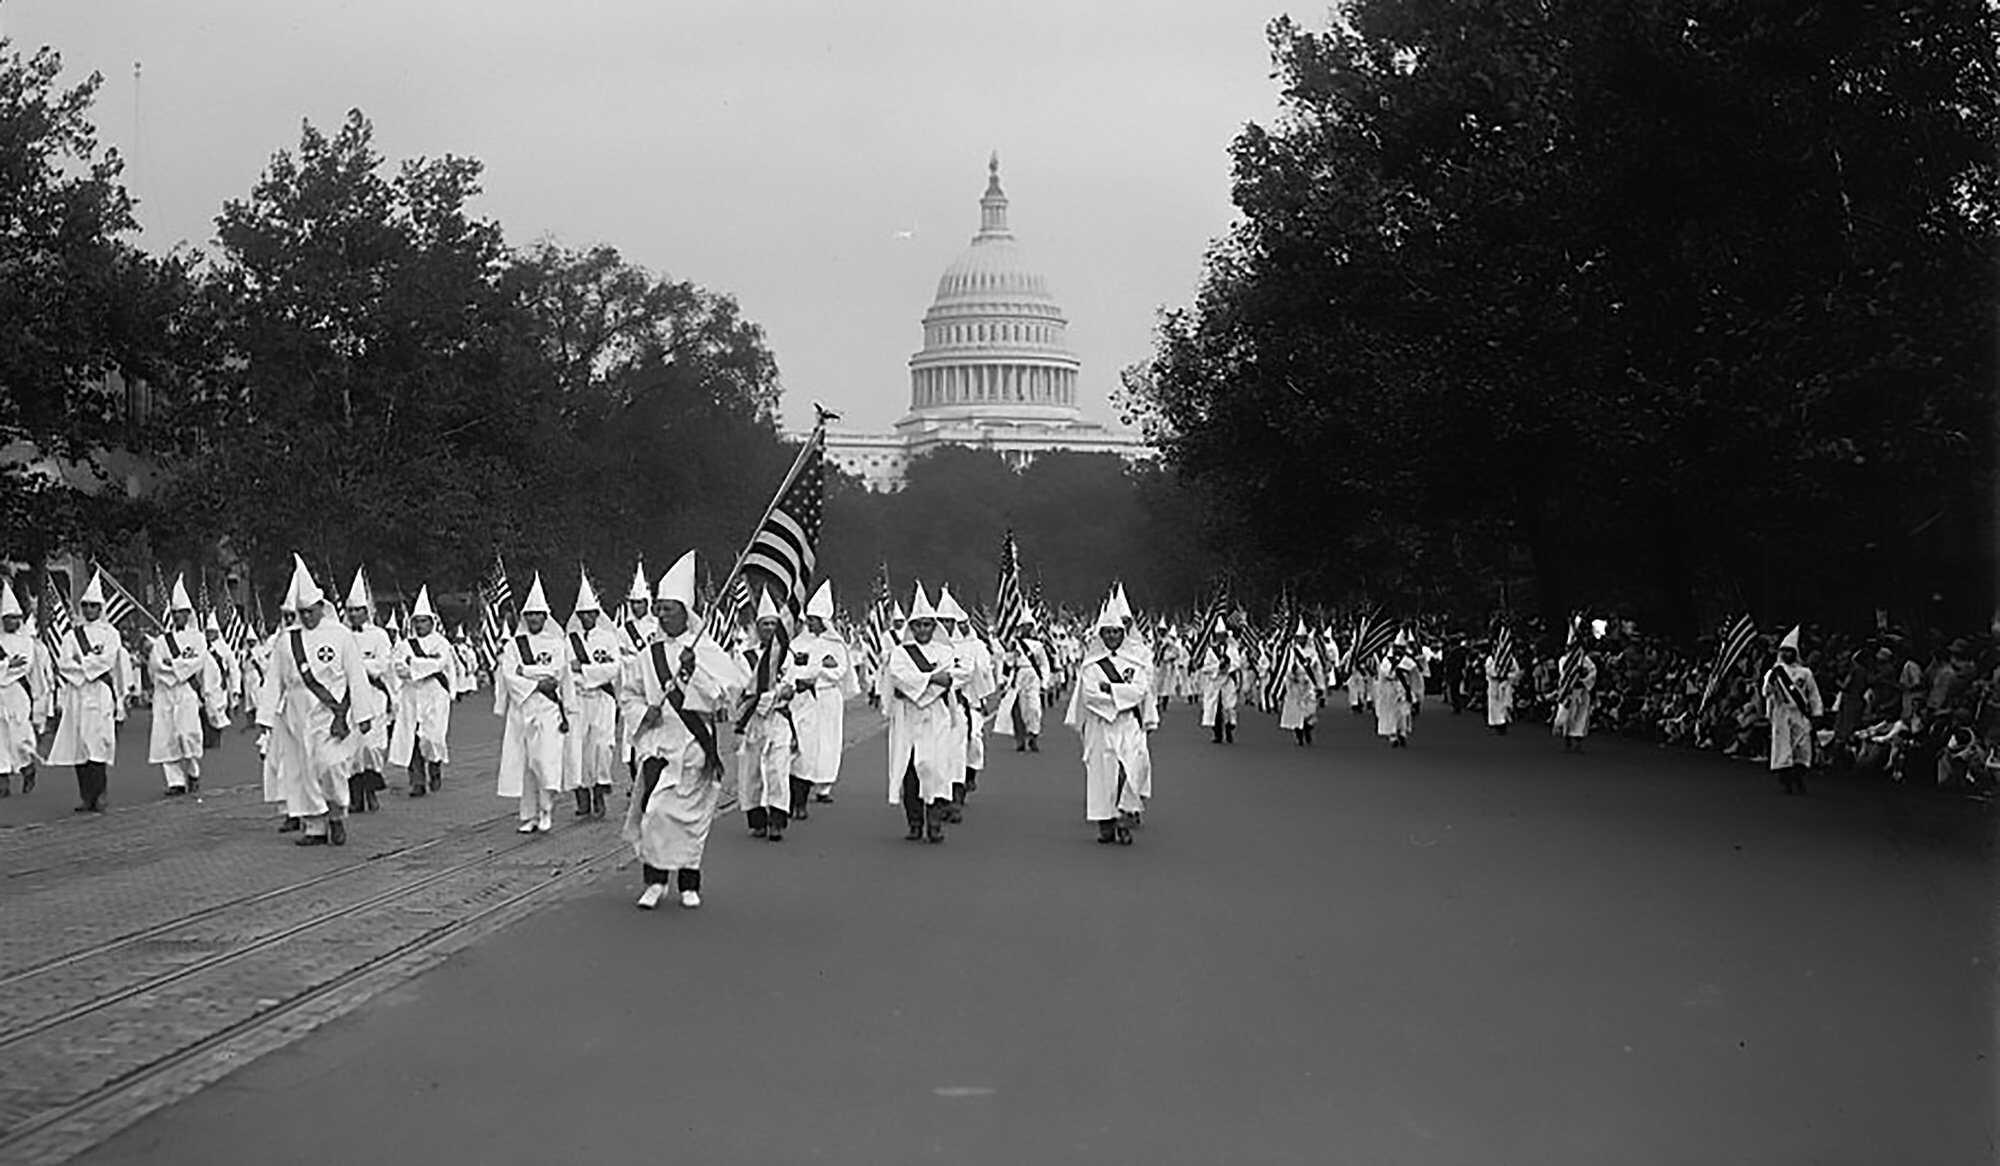 Klansville-Parade-Wash-DC-Feature.jpg